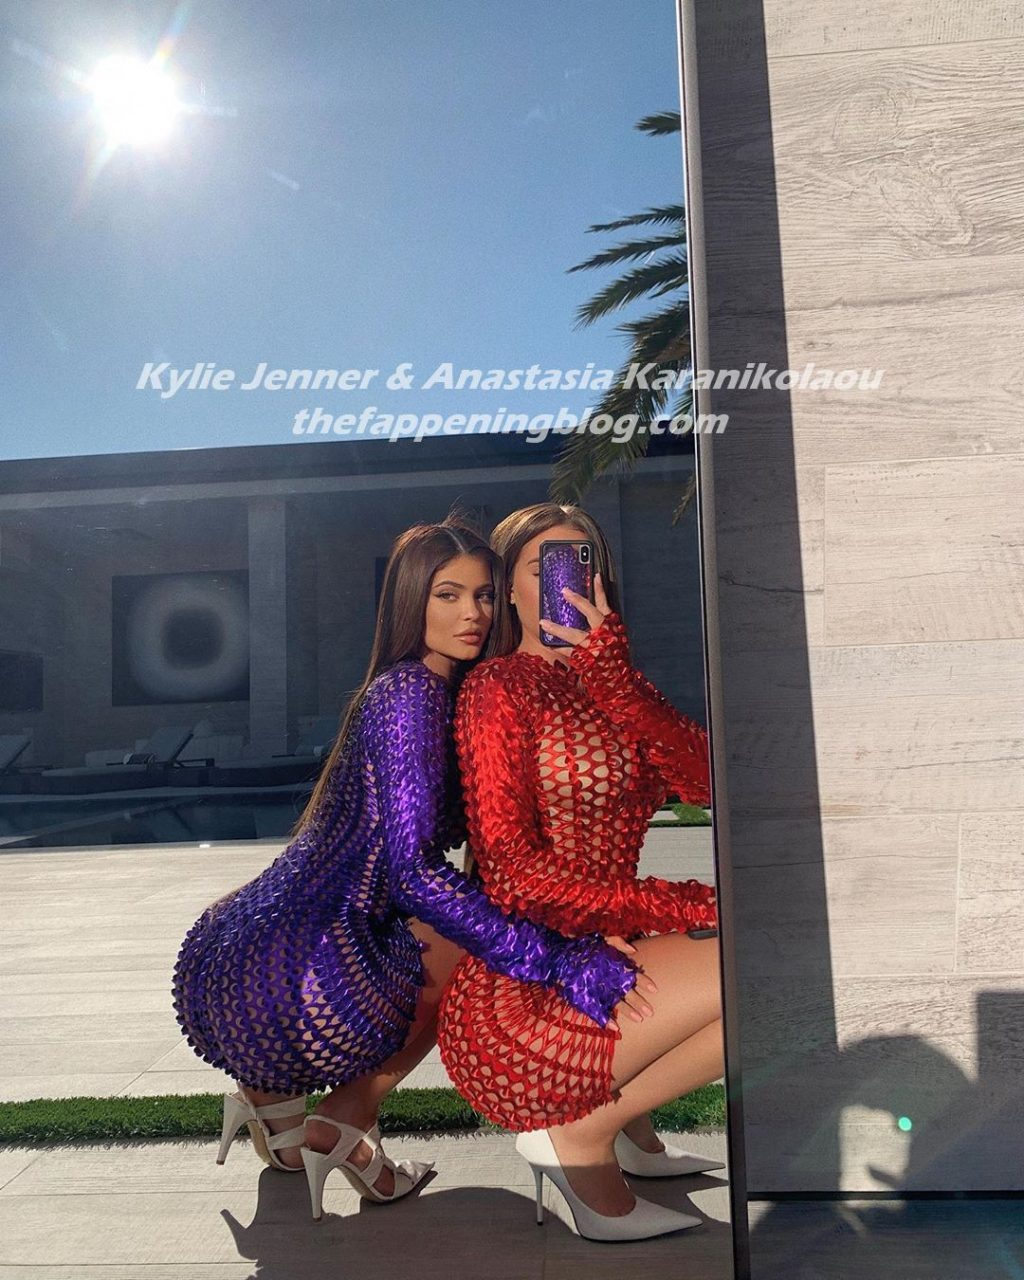 Kylie Jenner & Anastasia Karanikolaou Sexy (3 Photos)